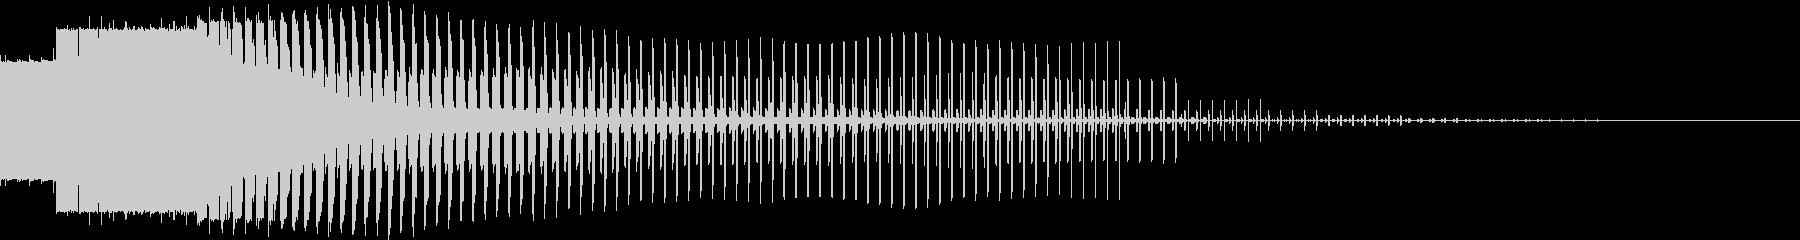 エネルギーがドンドン貯まっていくときの音の未再生の波形